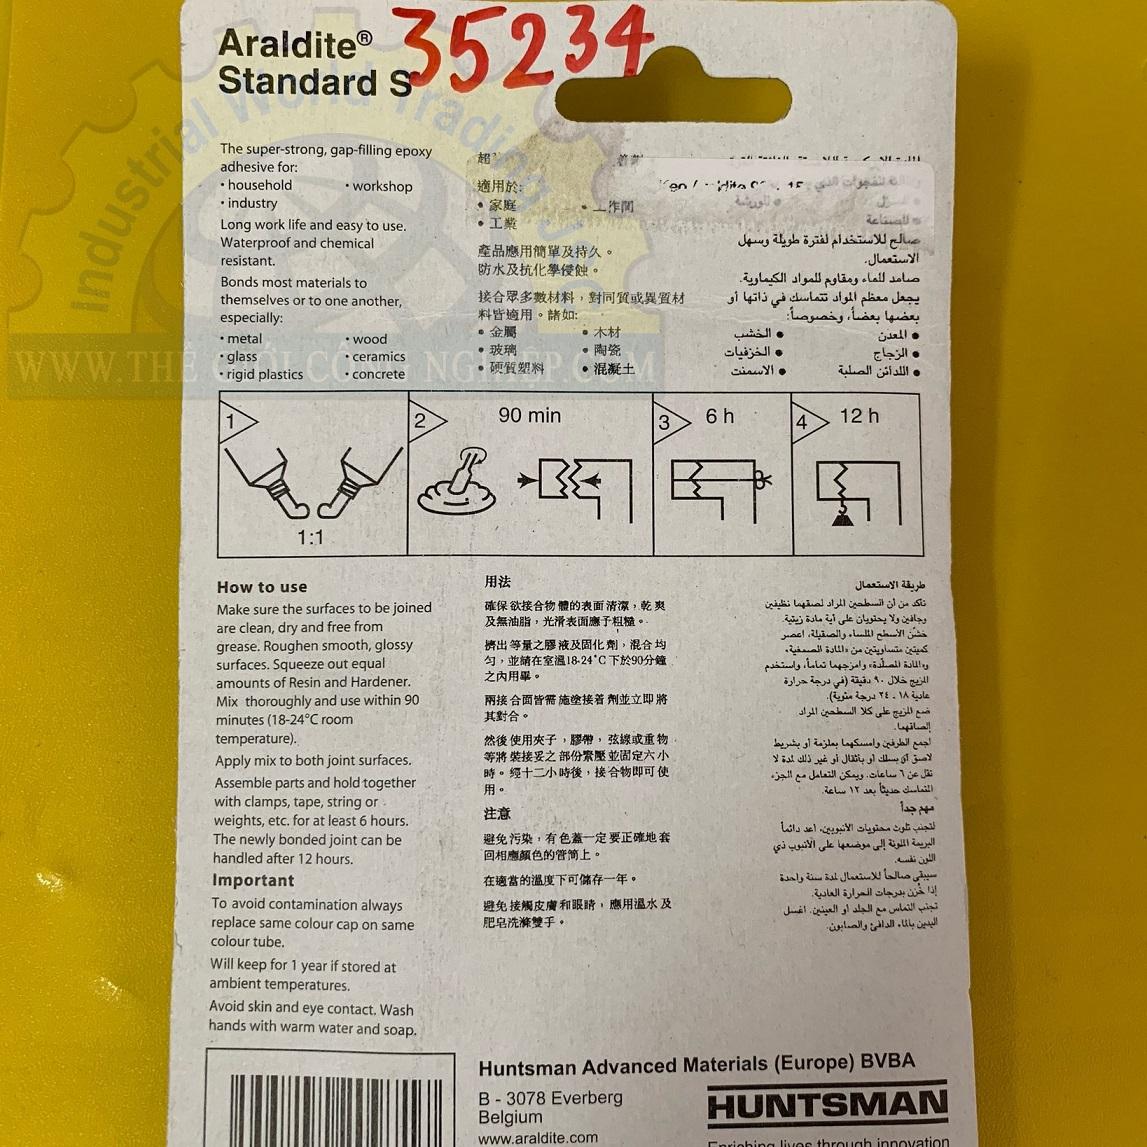 Keo 2 thành phần dán khô nhanh 90 phút 17ml keo hai thành phần Alradite standard (2x17ml/vỉ) TGCN-35234 Araldite